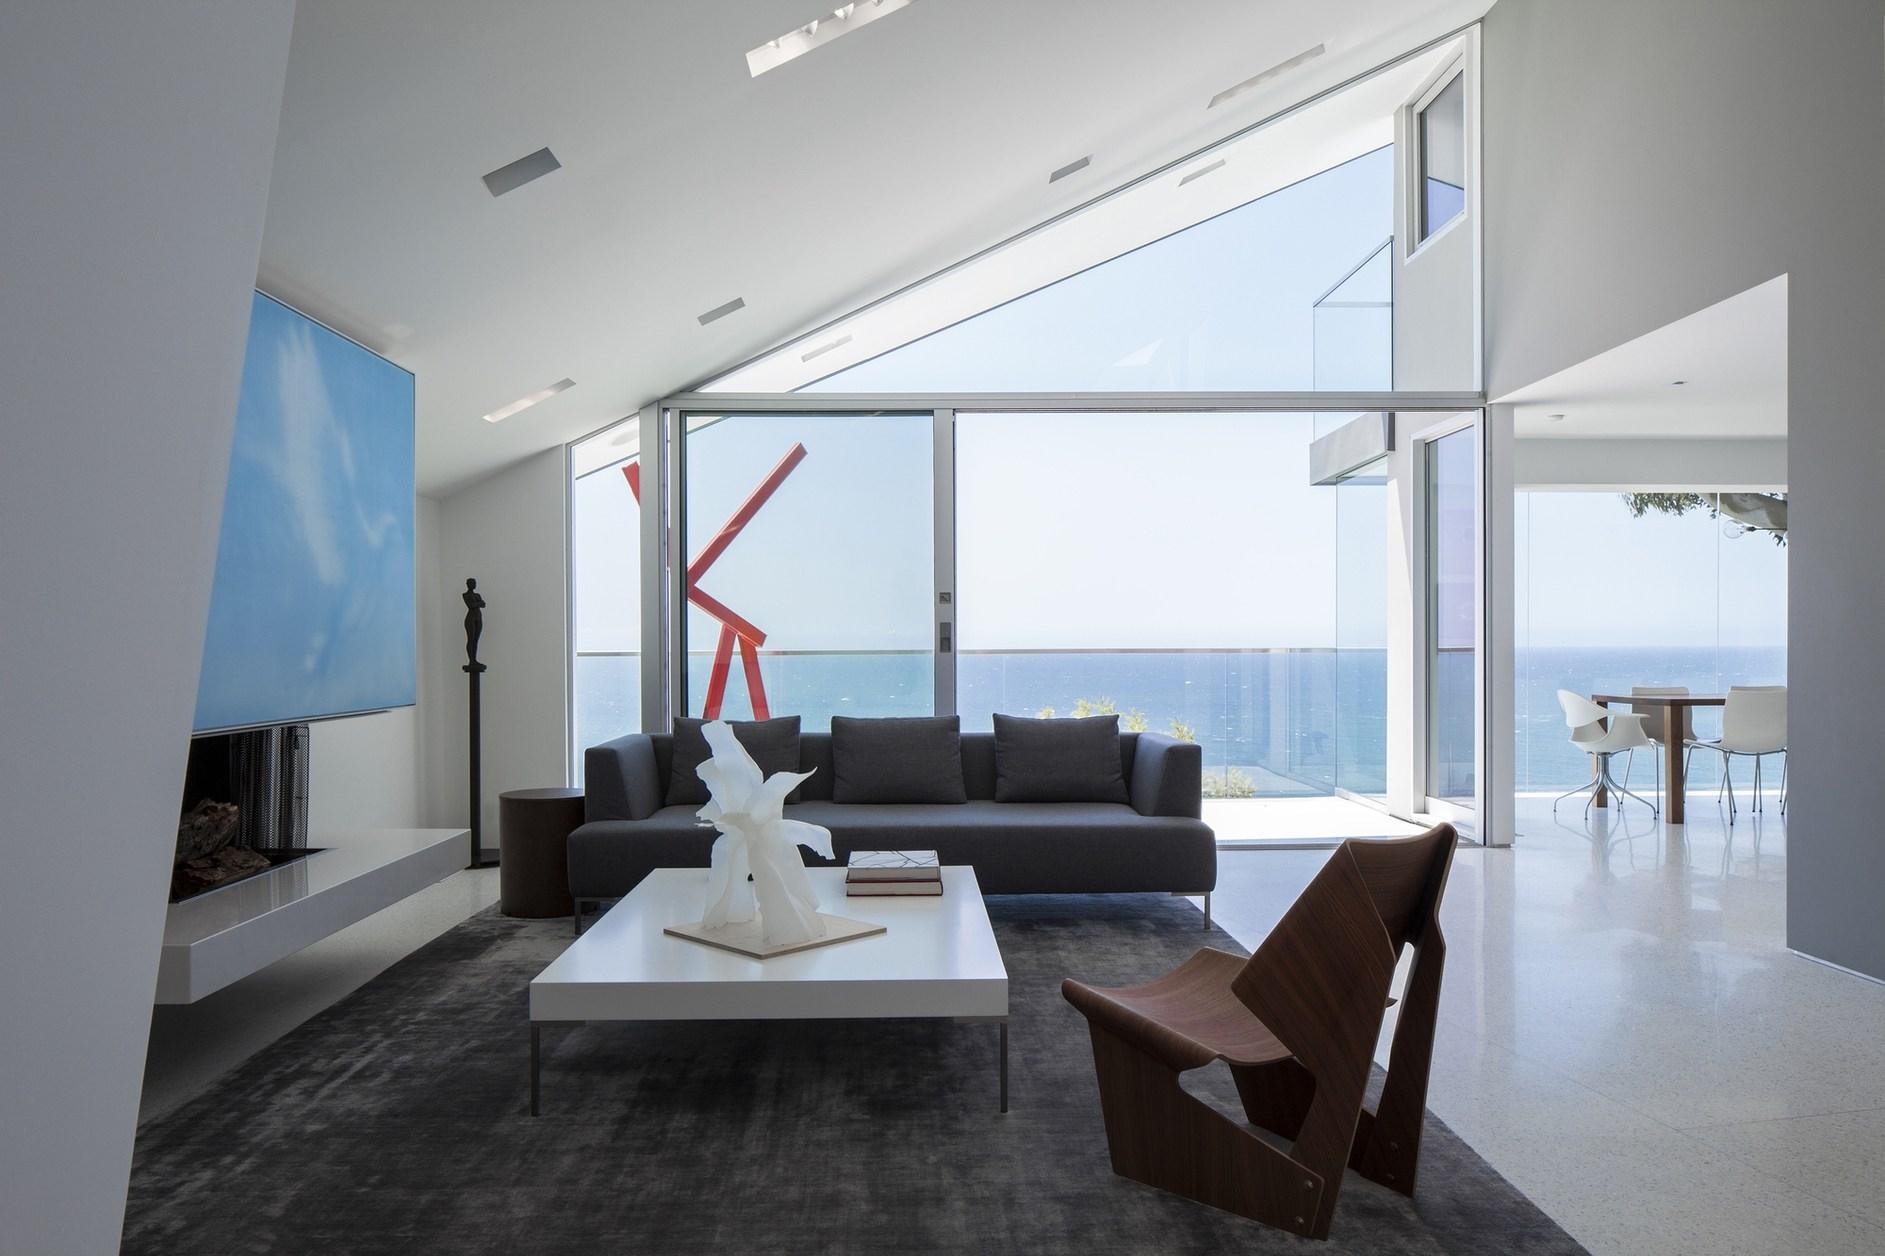 Montee karp residence by patrick tighe architecture - Suelos casas modernas ...